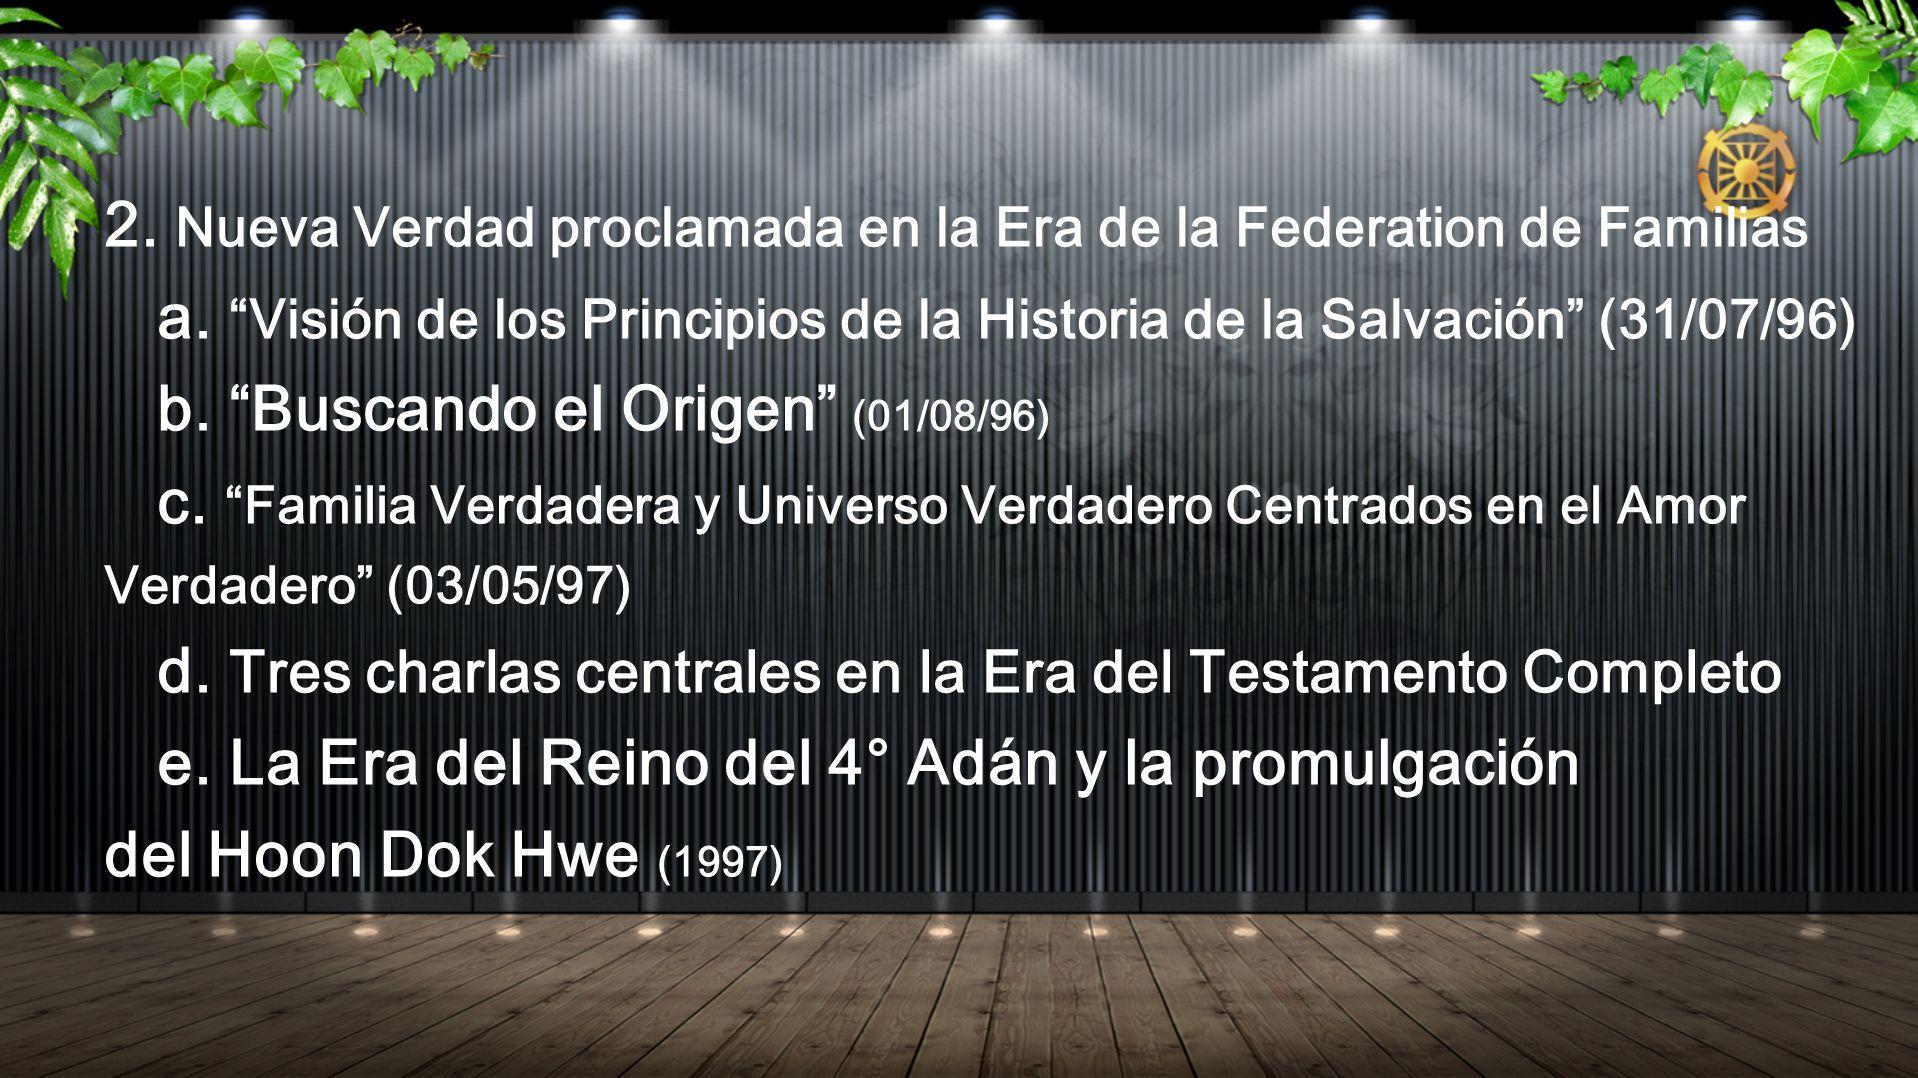 2. Nueva Verdad proclamada en la Era de la Federation de Familias a. Visión de los Principios de la Historia de la Salvación (31/07/96) b. Buscando el